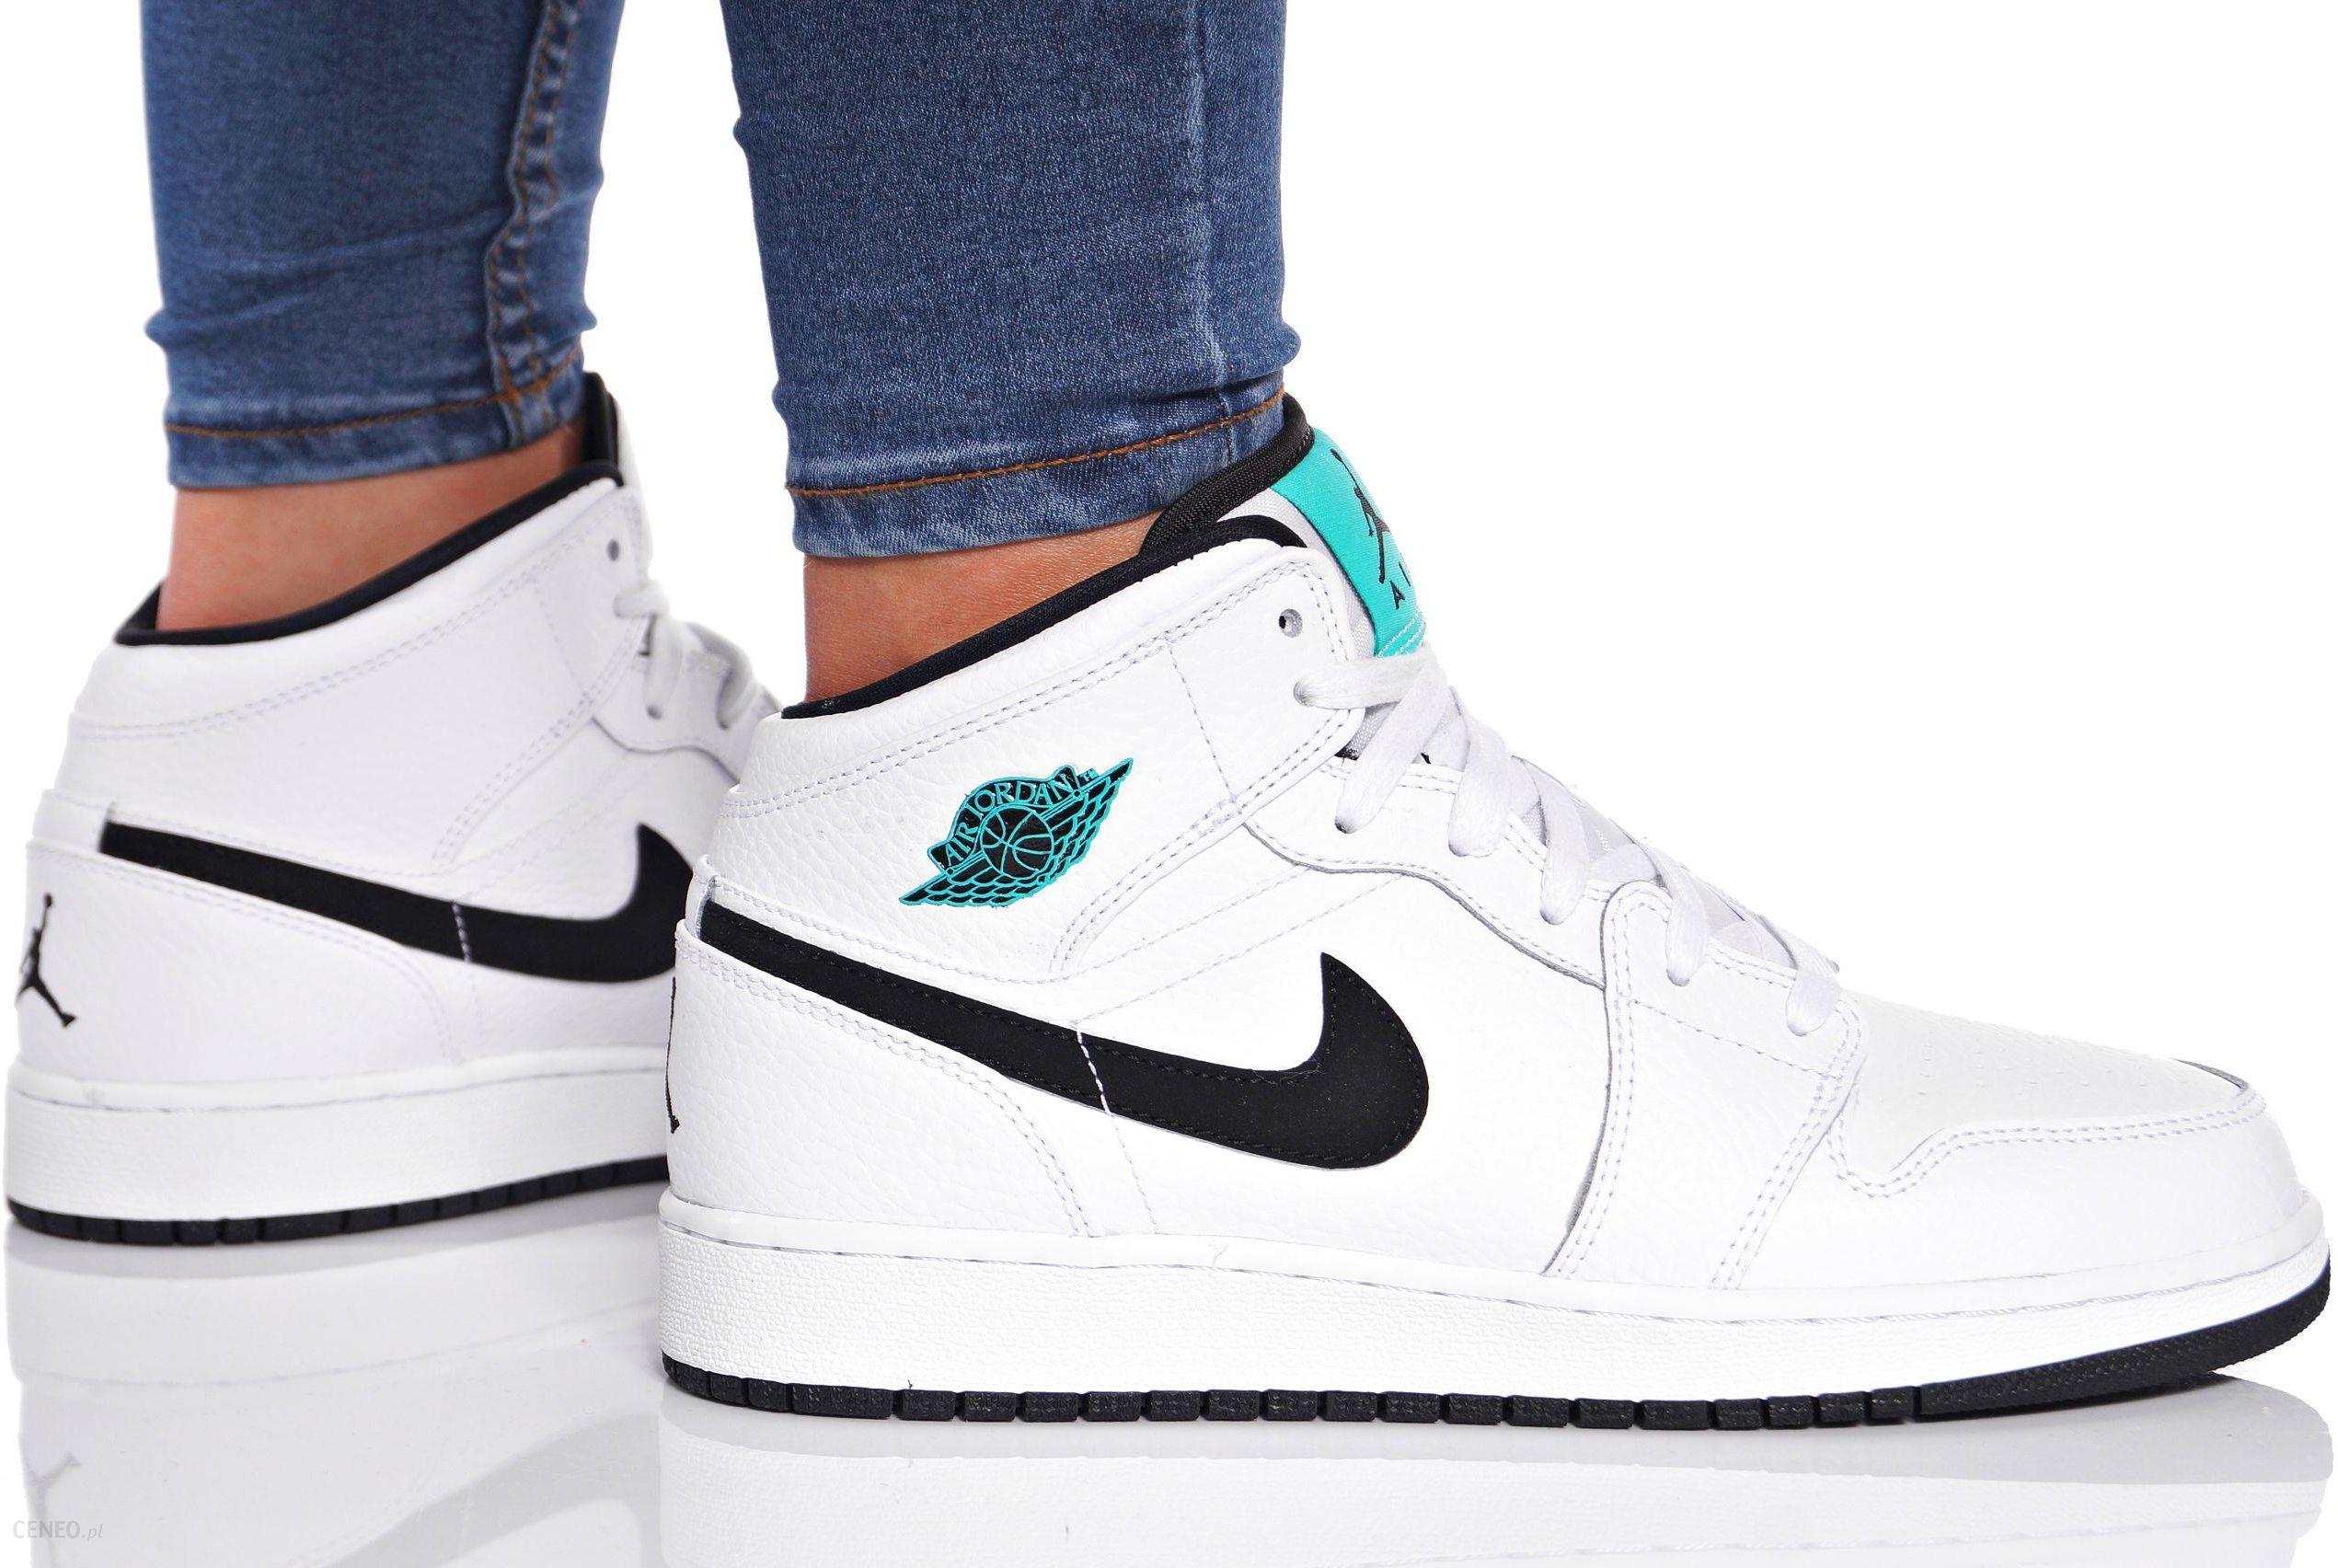 Nike Air Jordan 1 Mid Bg Damskie .pl